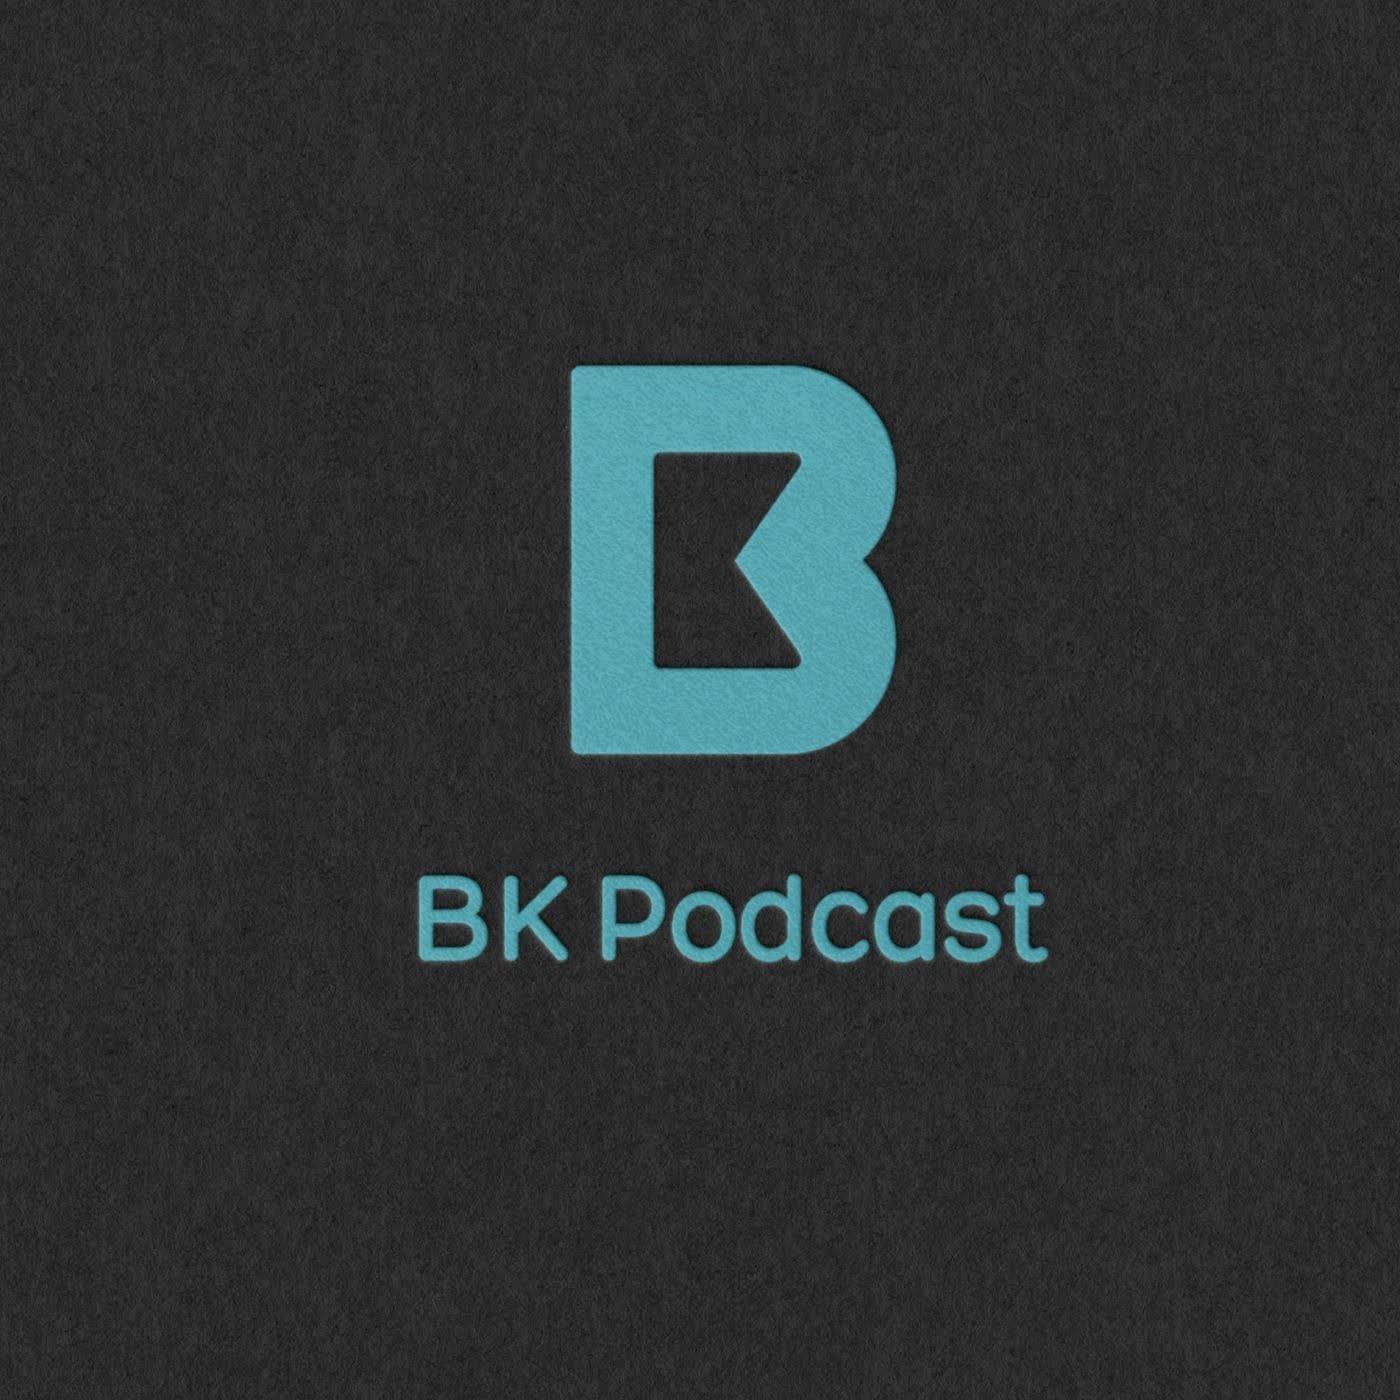 BK Podcast